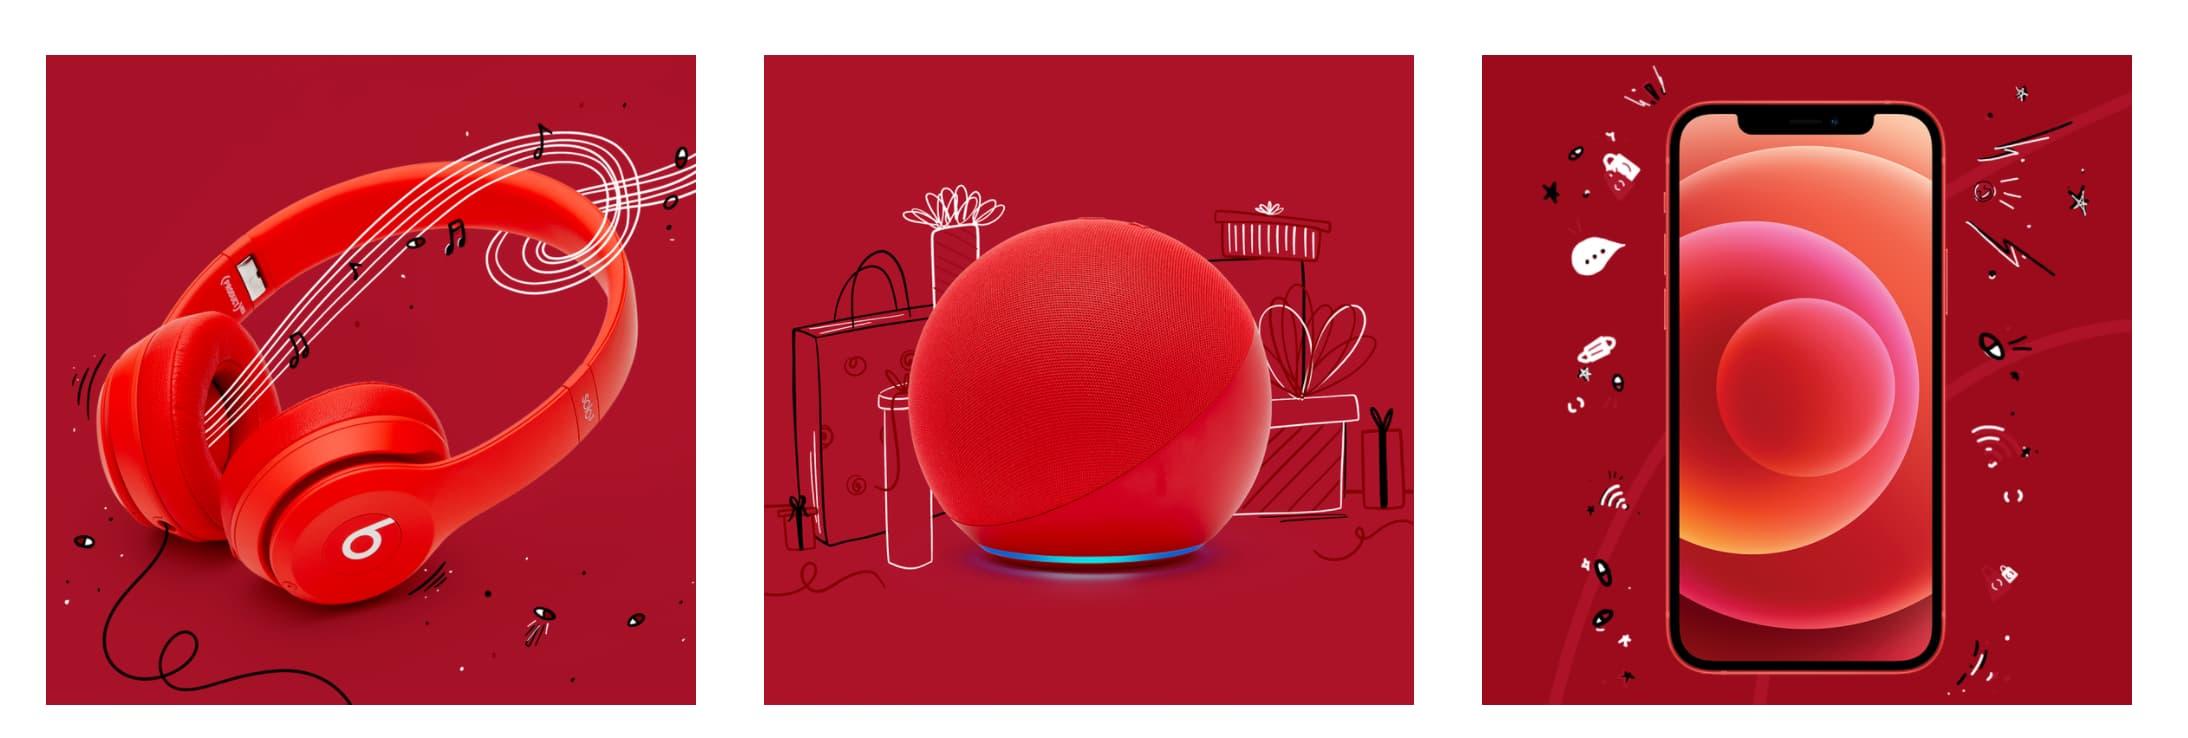 蘋果 (RED) 產品有哪些